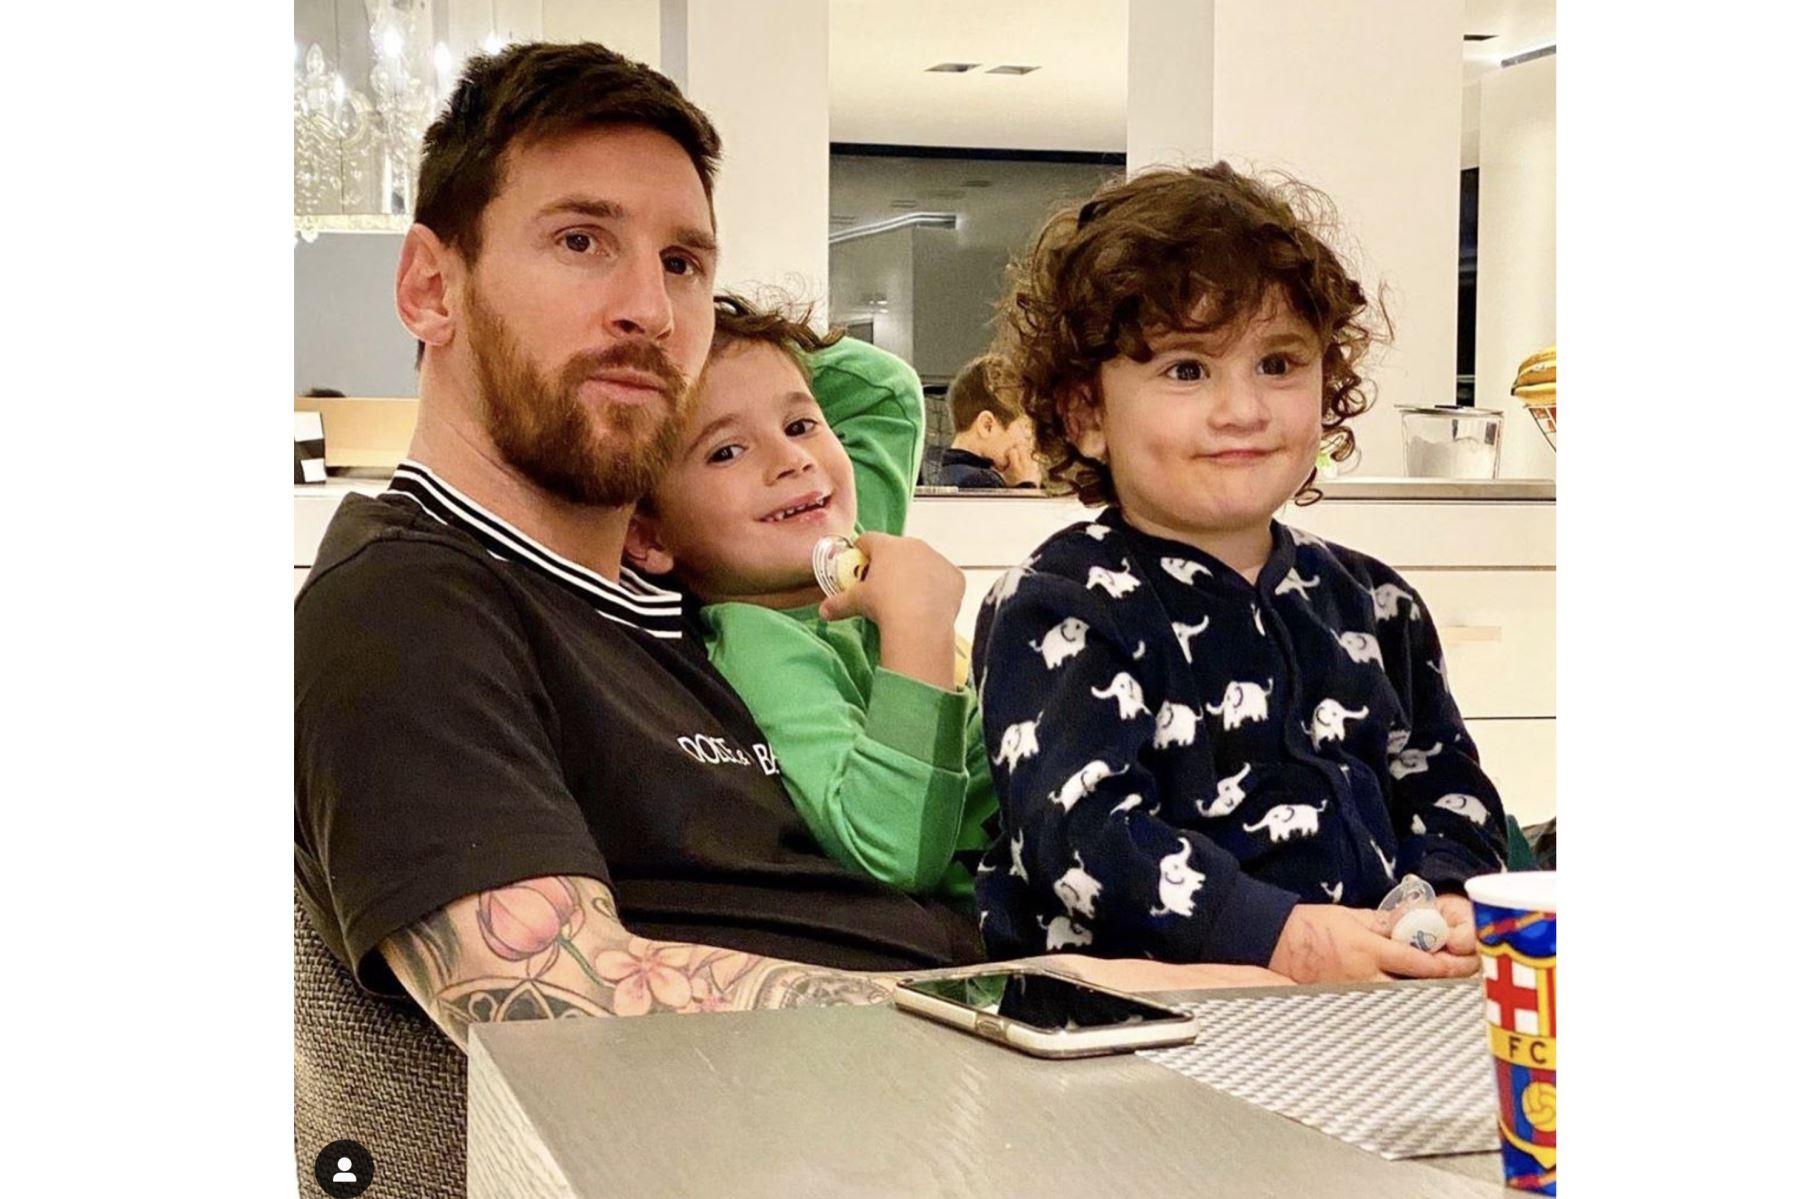 El futbolista Lionel Messi, disfruta de la compañía de su familia en casa. Foto:Instagram Messi